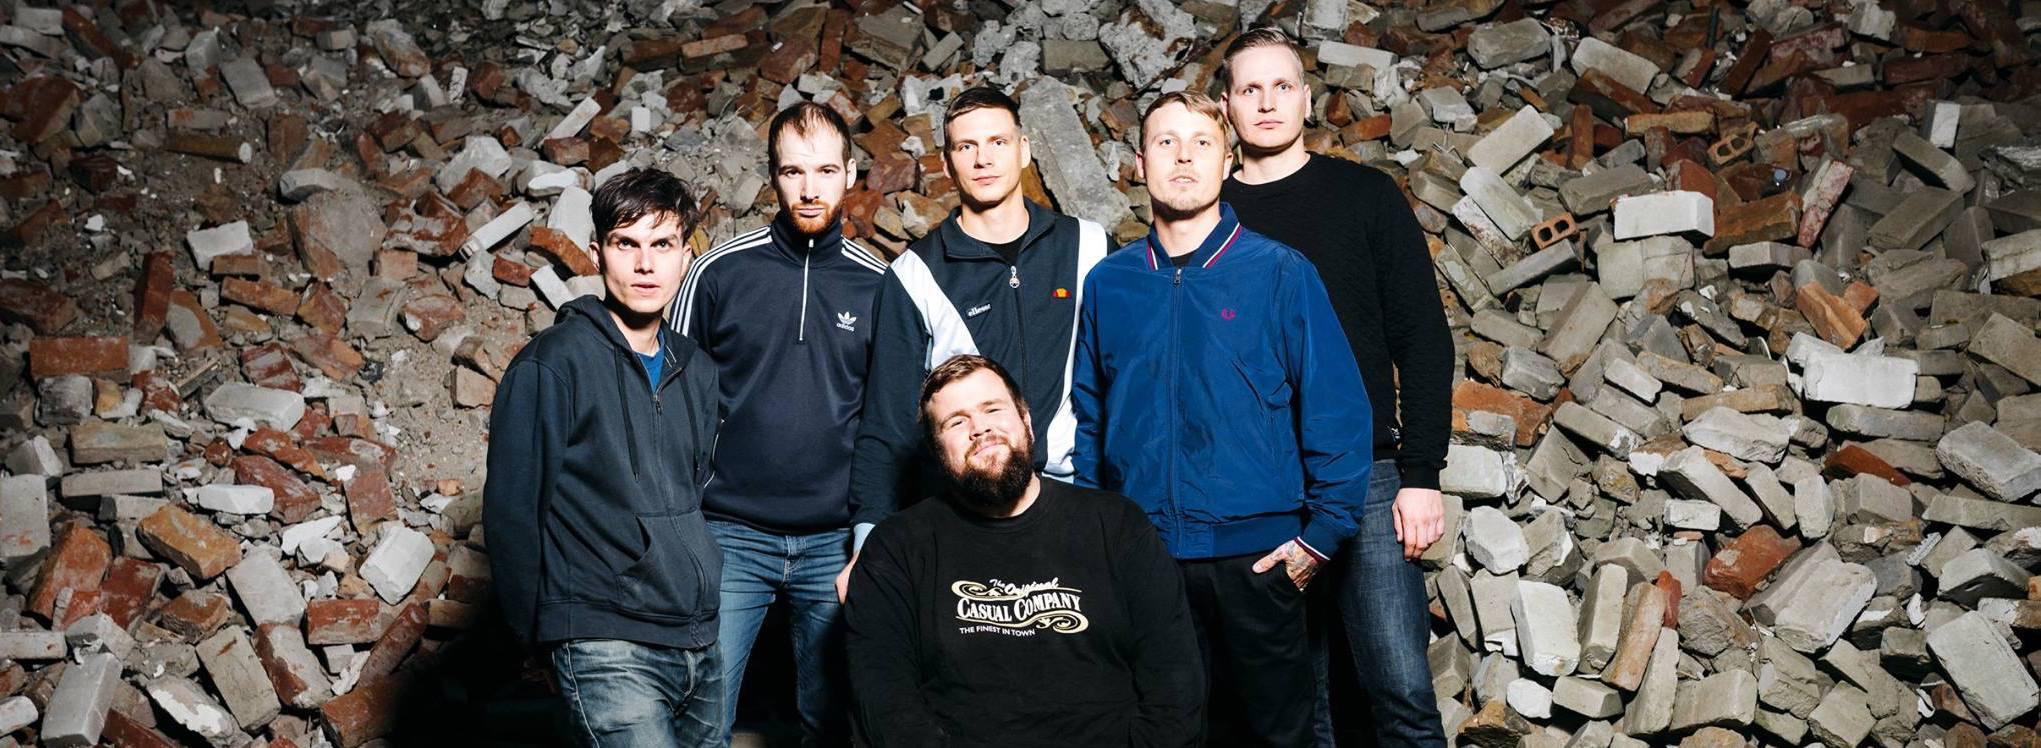 """Das neue Album """"Sturm & Dreck"""" von Feine Sahne Fischfilet ist seit dem 12.2.2018 draußen"""